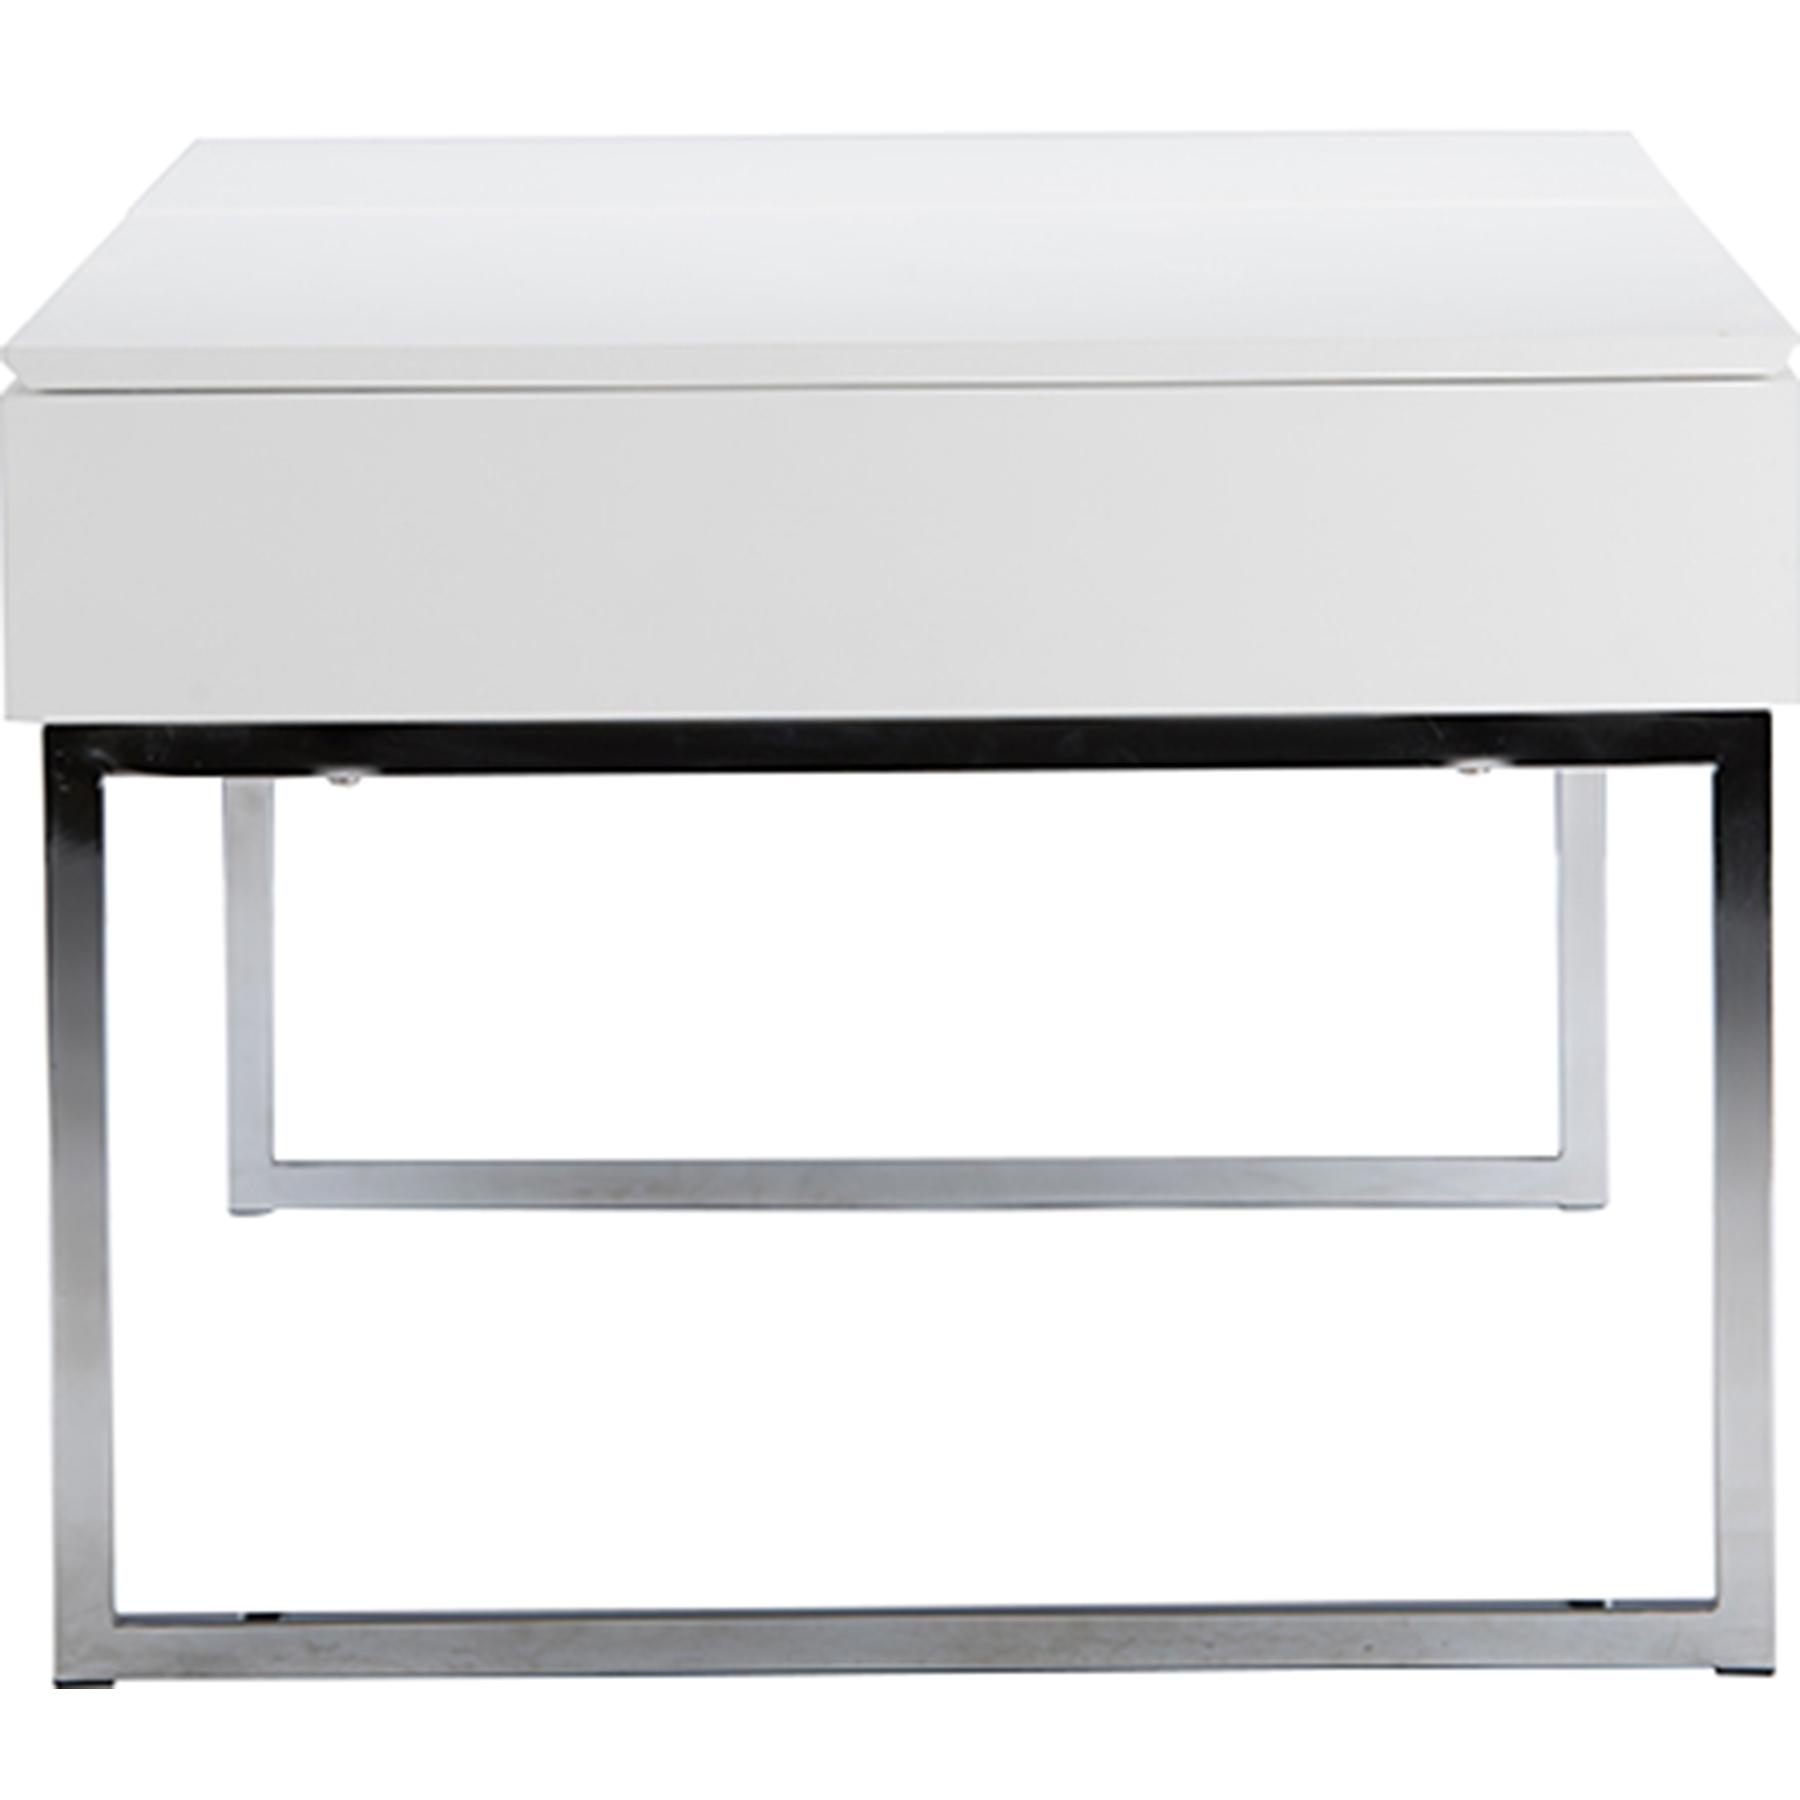 ... Celinda Rectangular Coffee Table   Flipping Tops, White    WI AKING 23762 ...